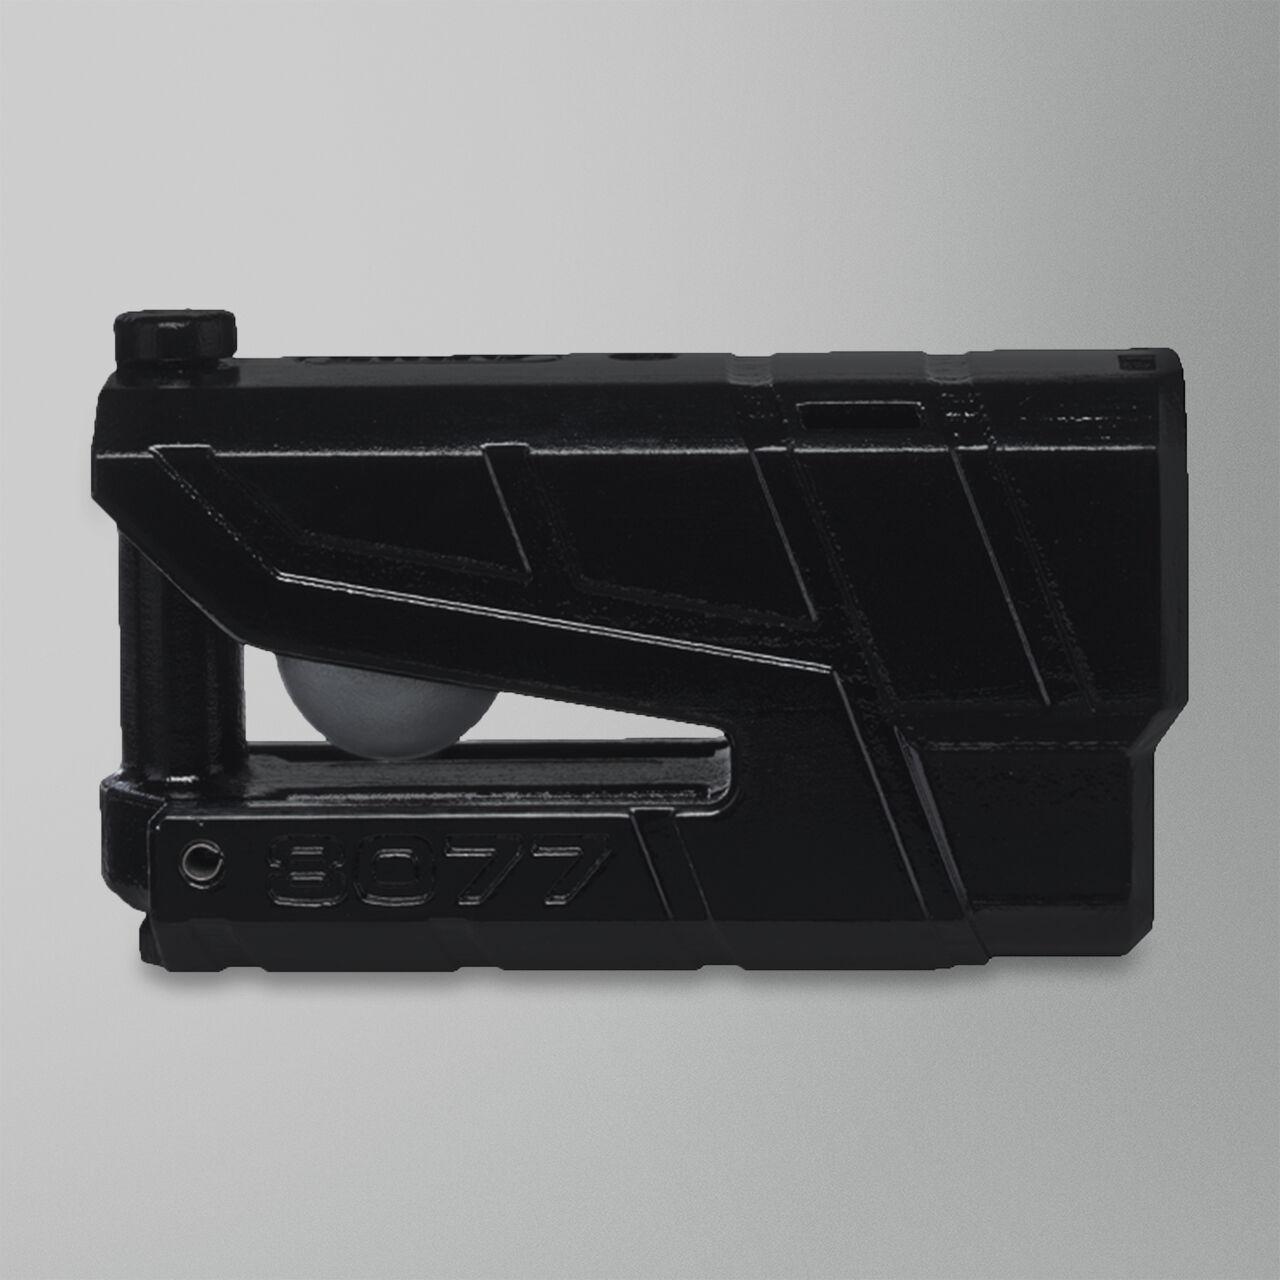 ABUS Bloccadisco  8077 Detecto Alarm